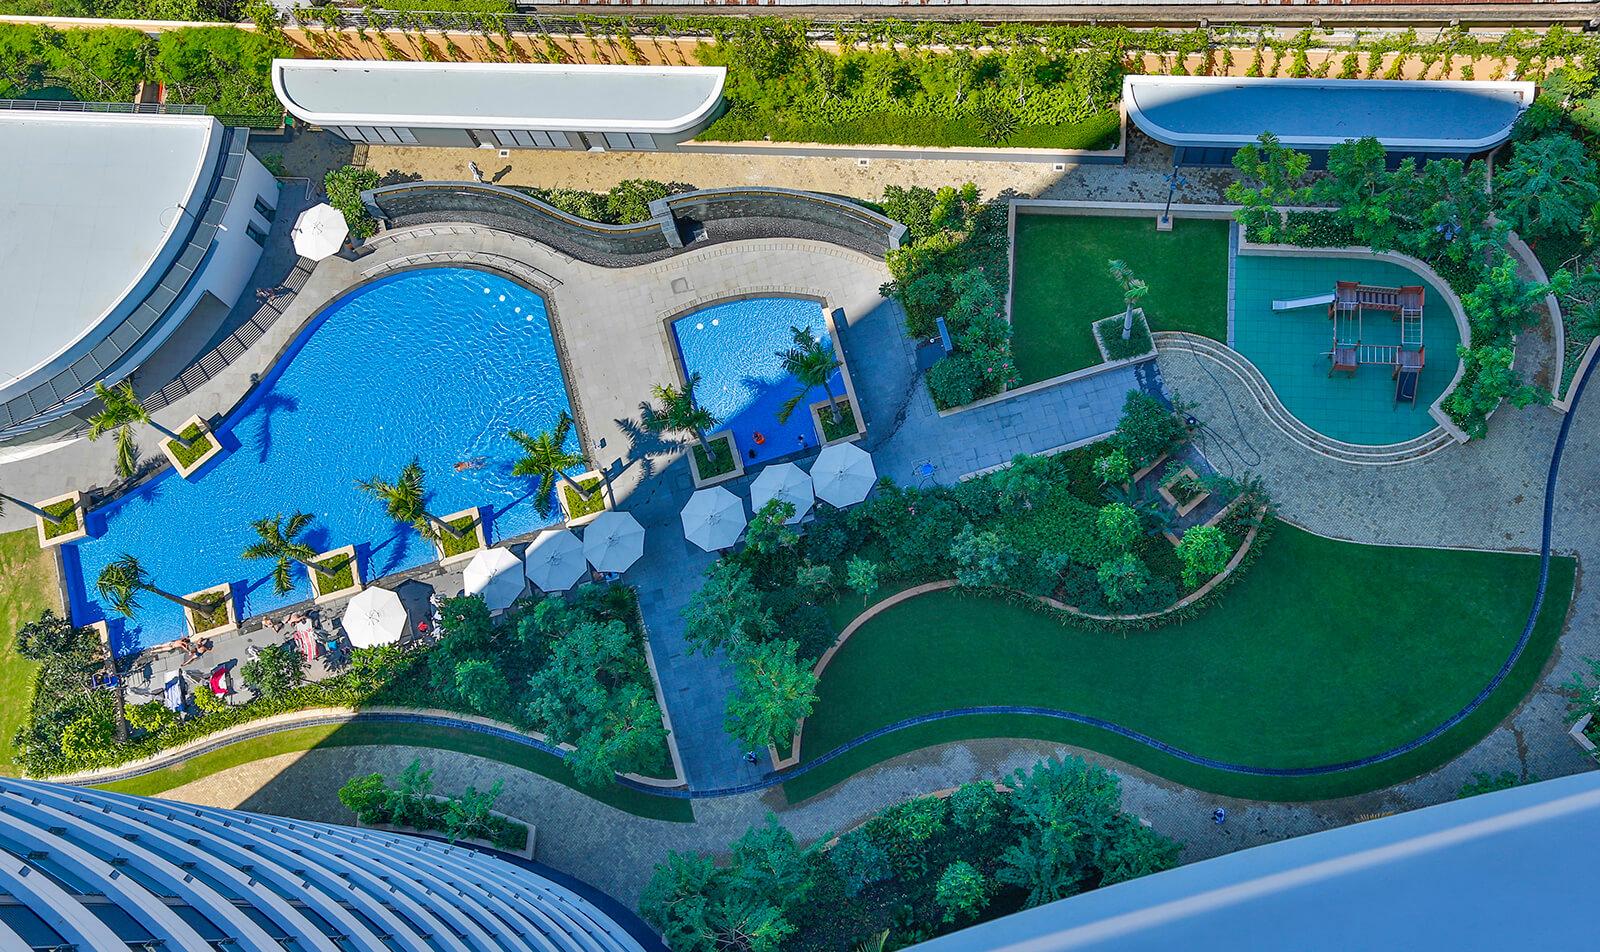 Hồ bơi City Garden Bình Thạnh